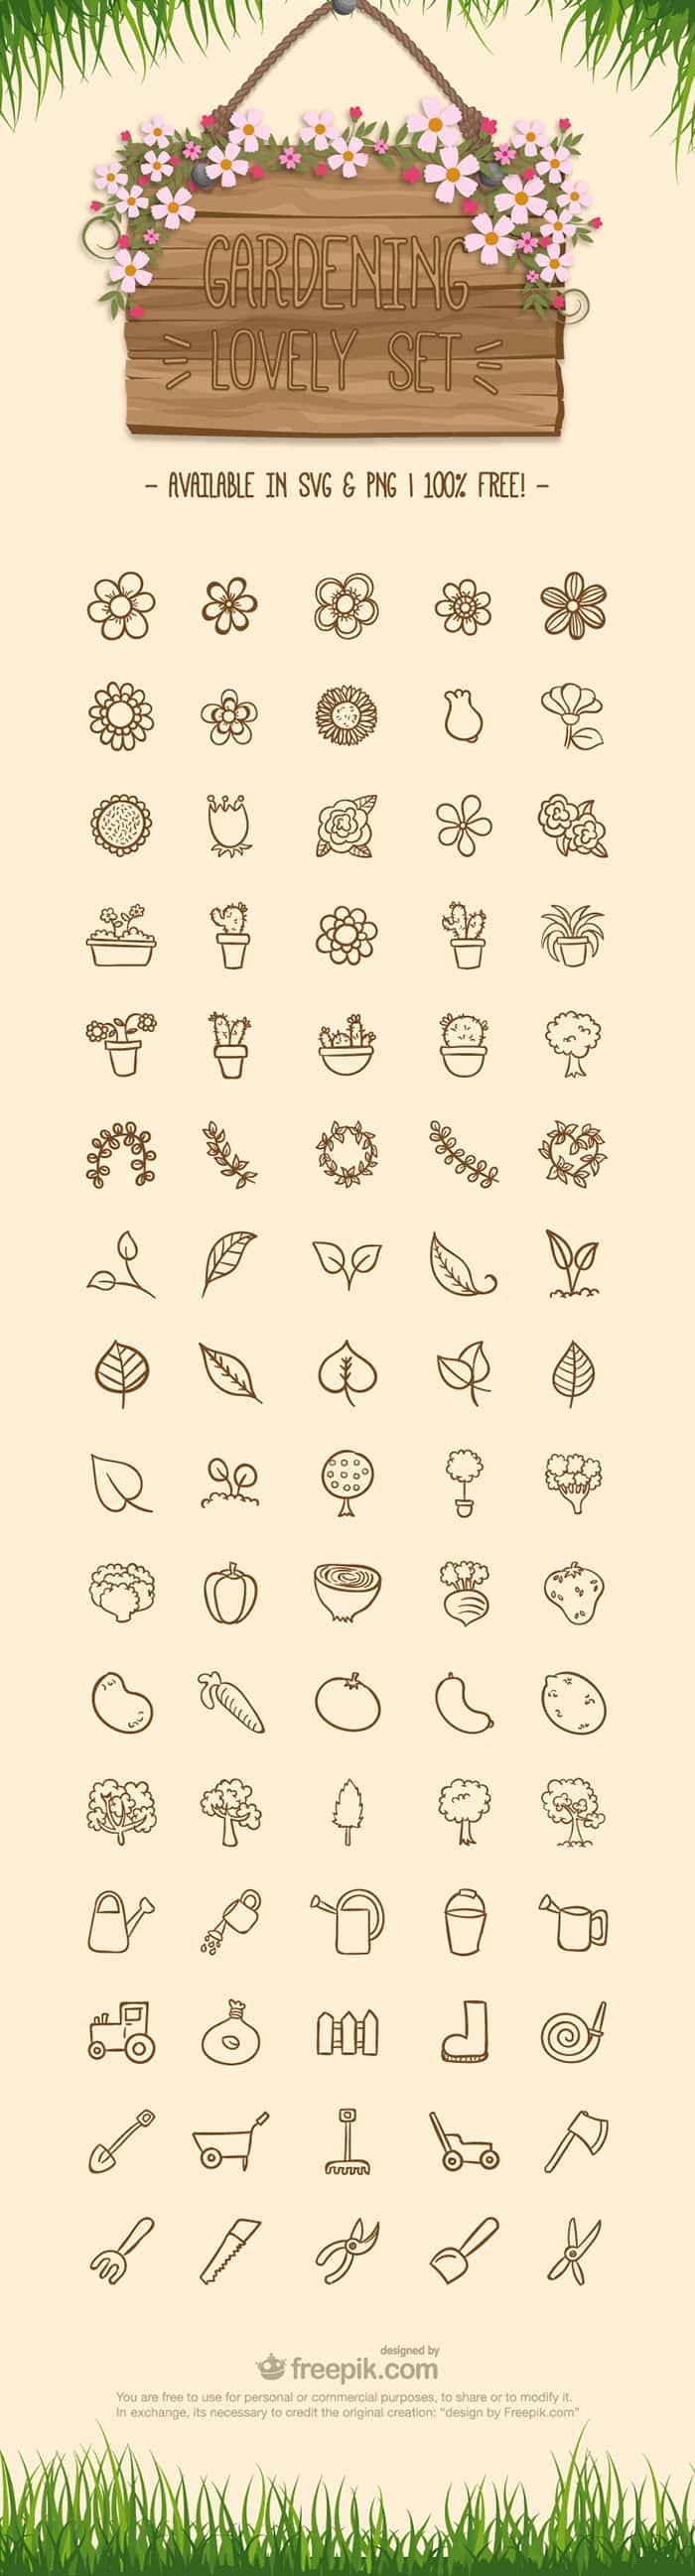 gardening-free-icon-set